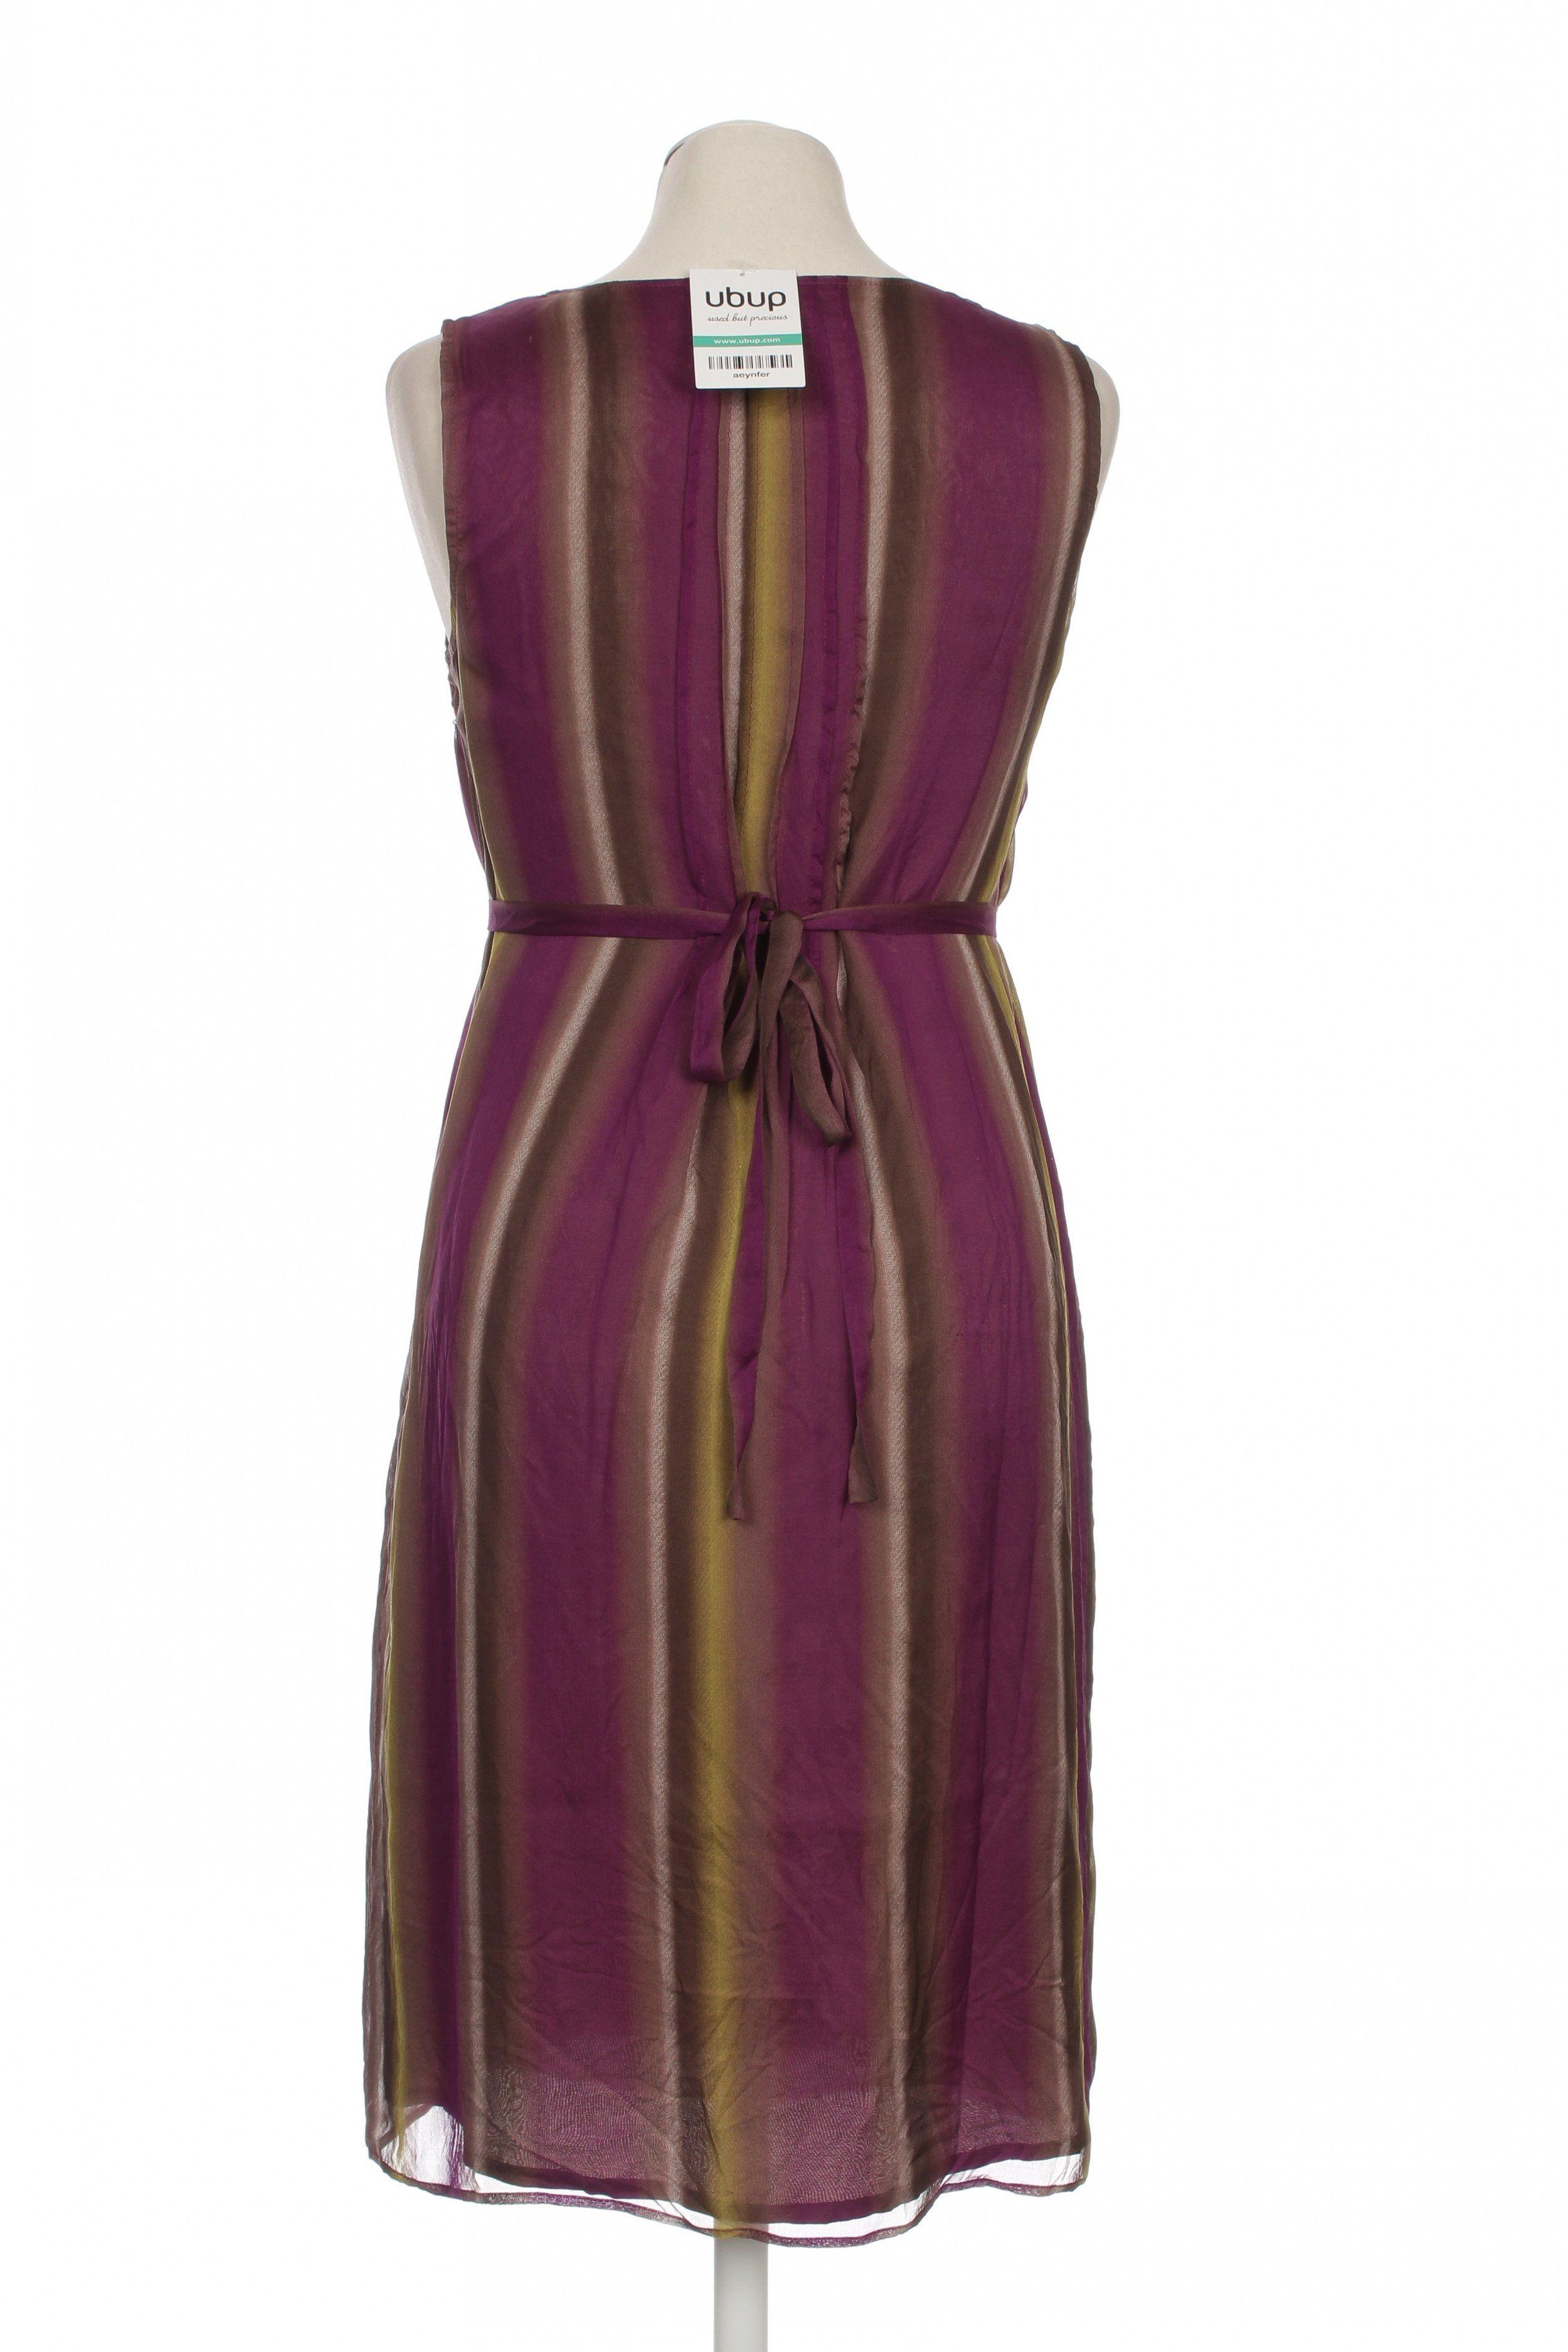 s.Oliver Selection Damen Kleid Gr. DE 18 (S) Seide (With images